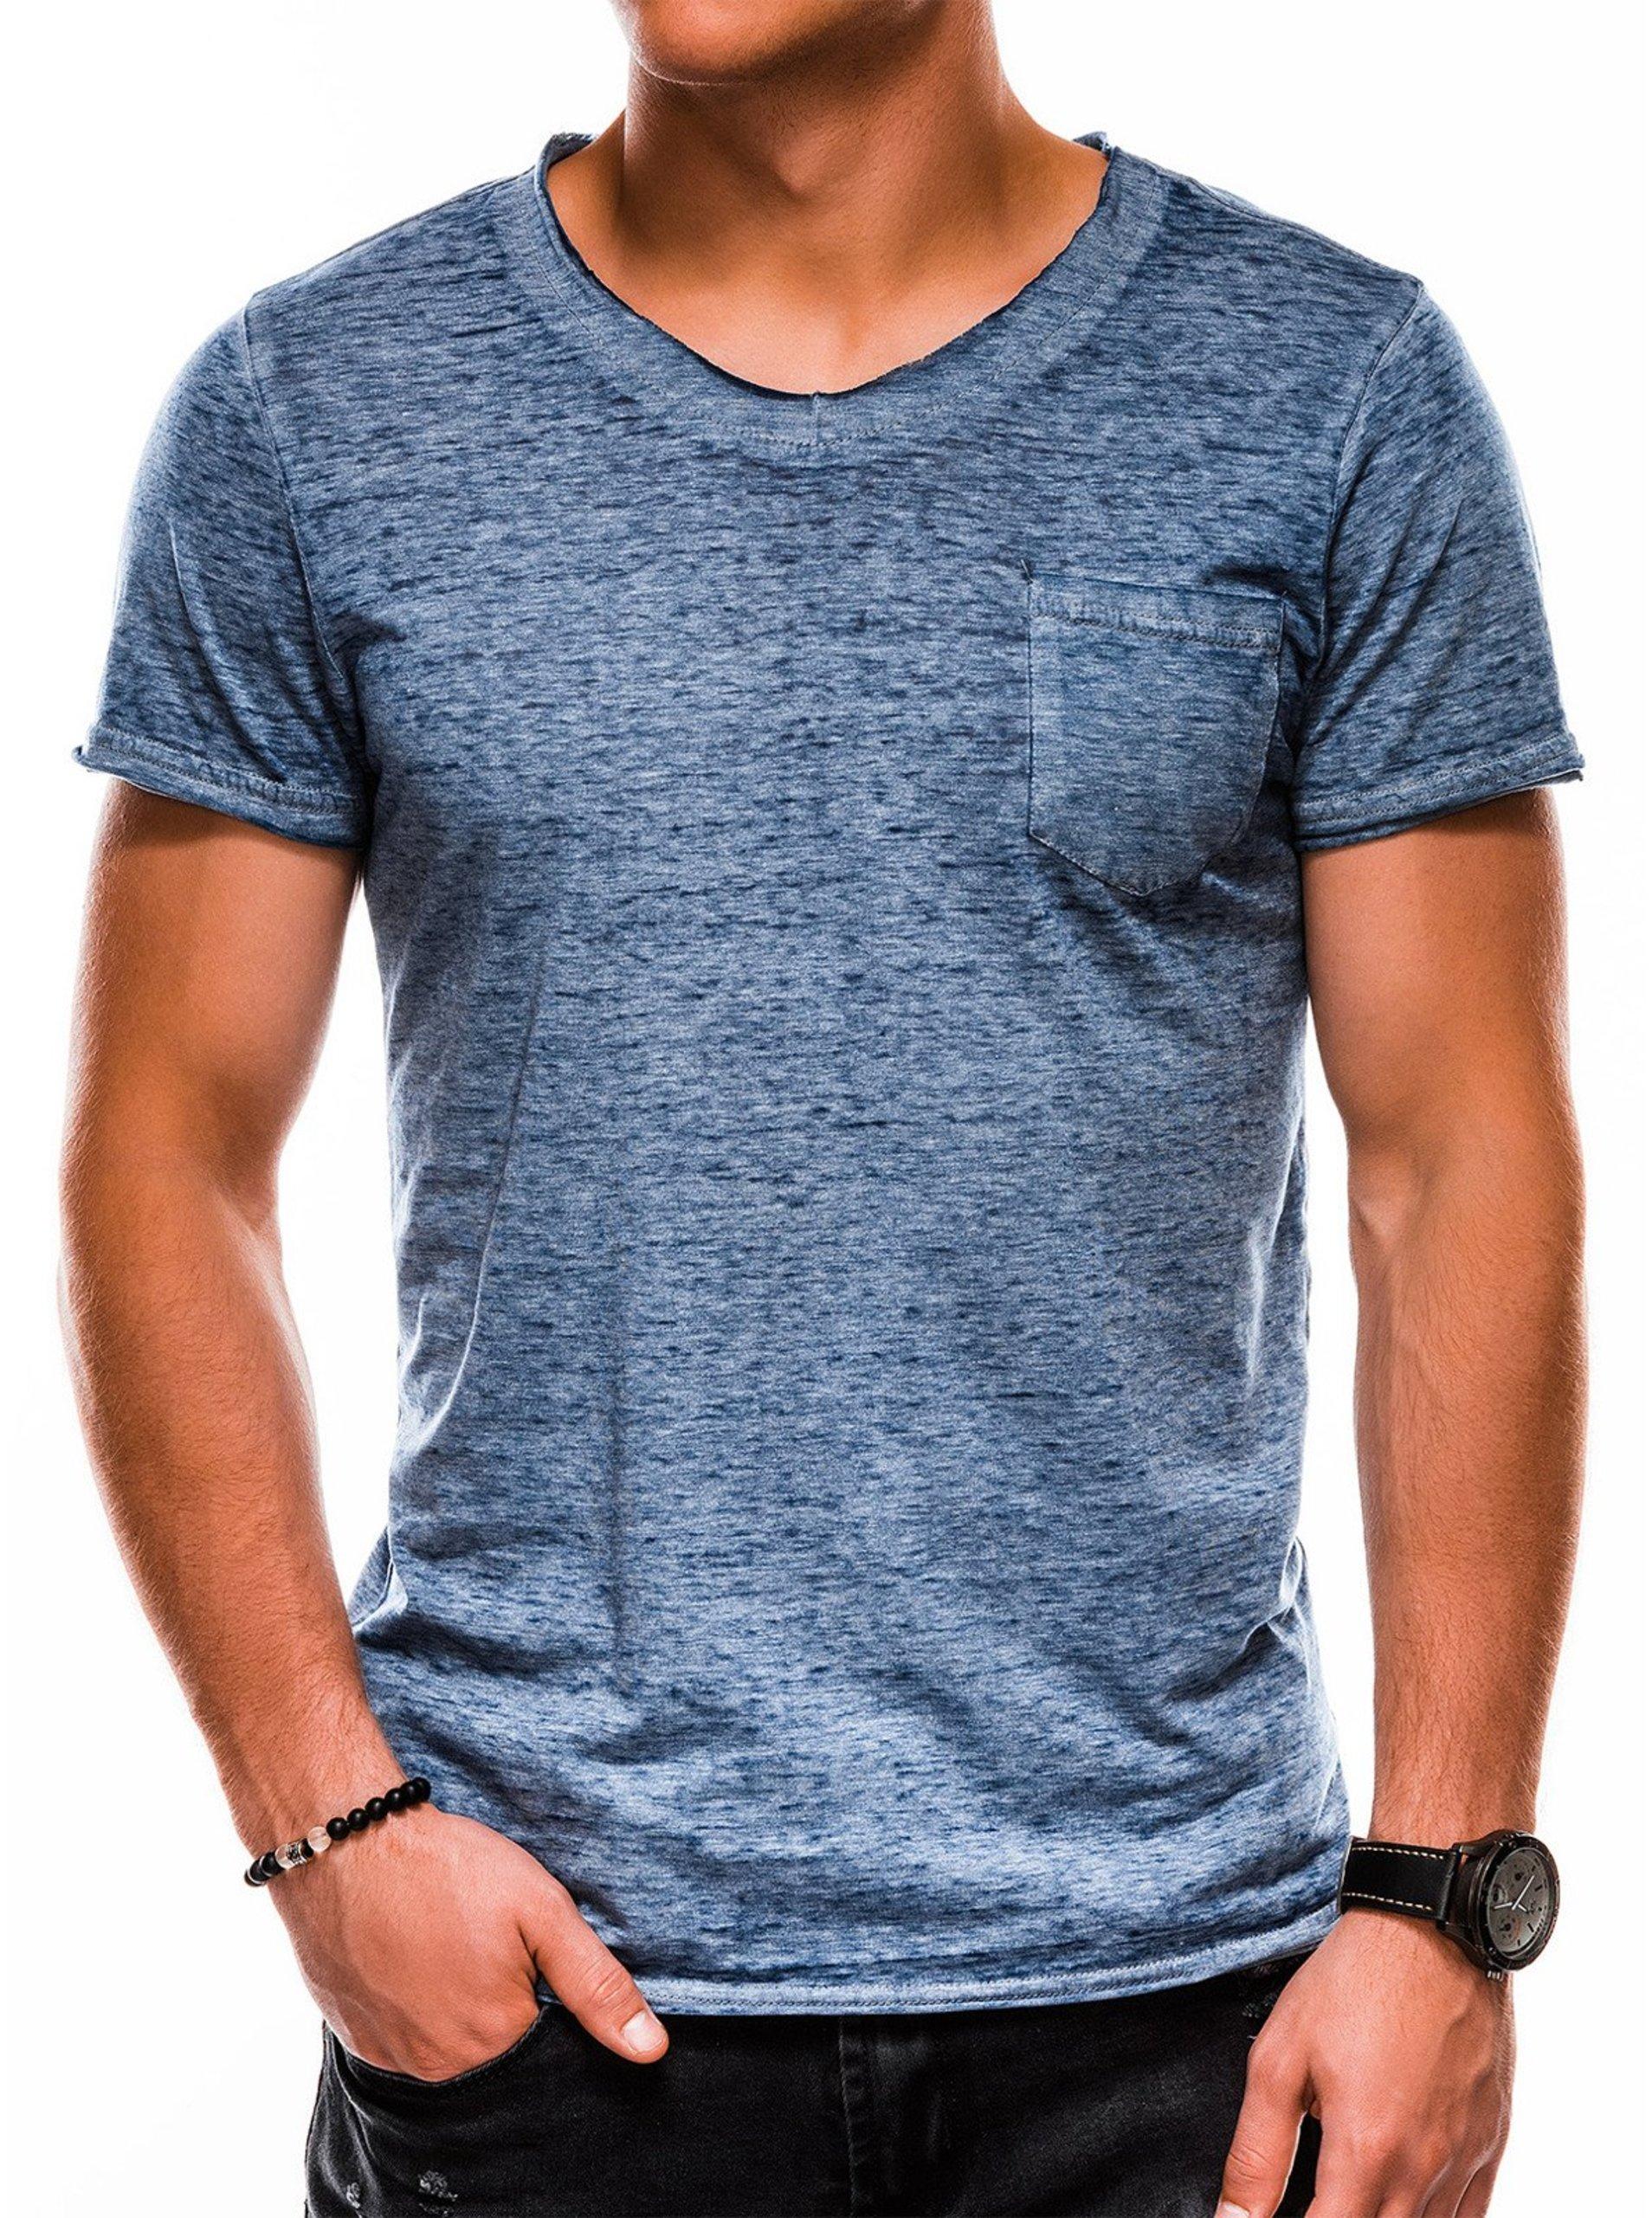 Pánské tričko bez potisku S1051 - námořnické